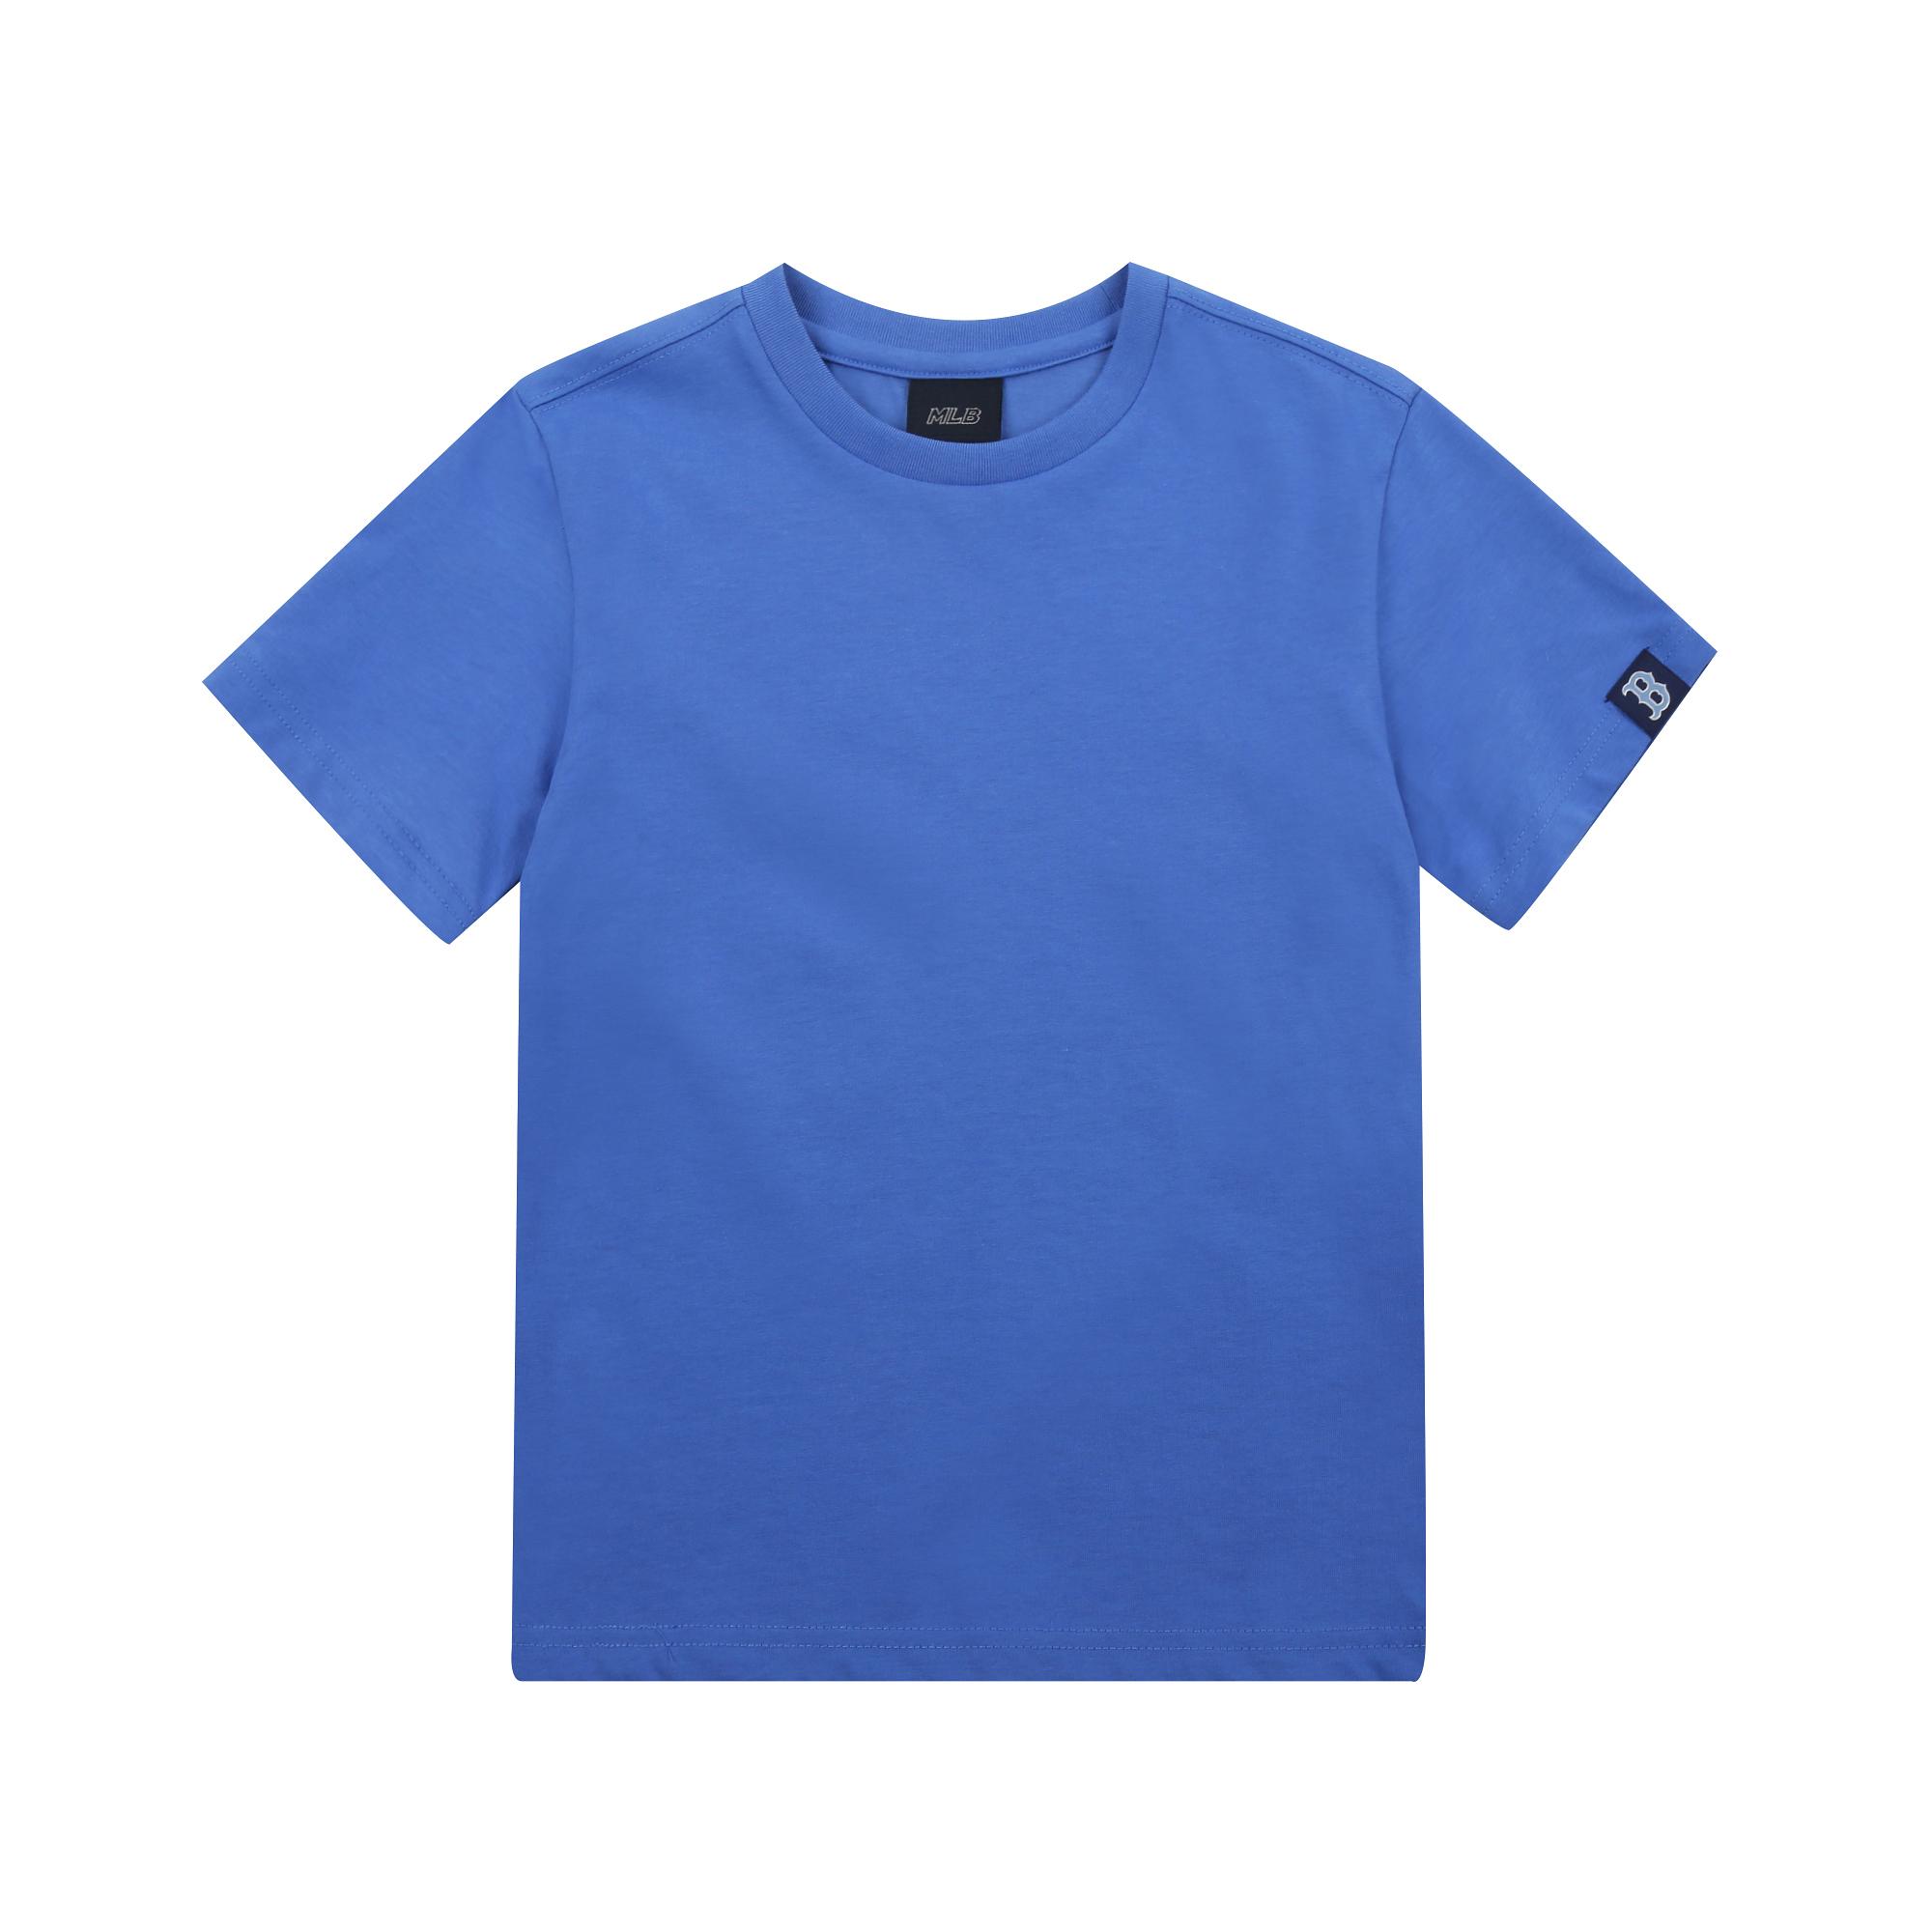 베이직 로고 라벨 티셔츠 보스턴레드삭스